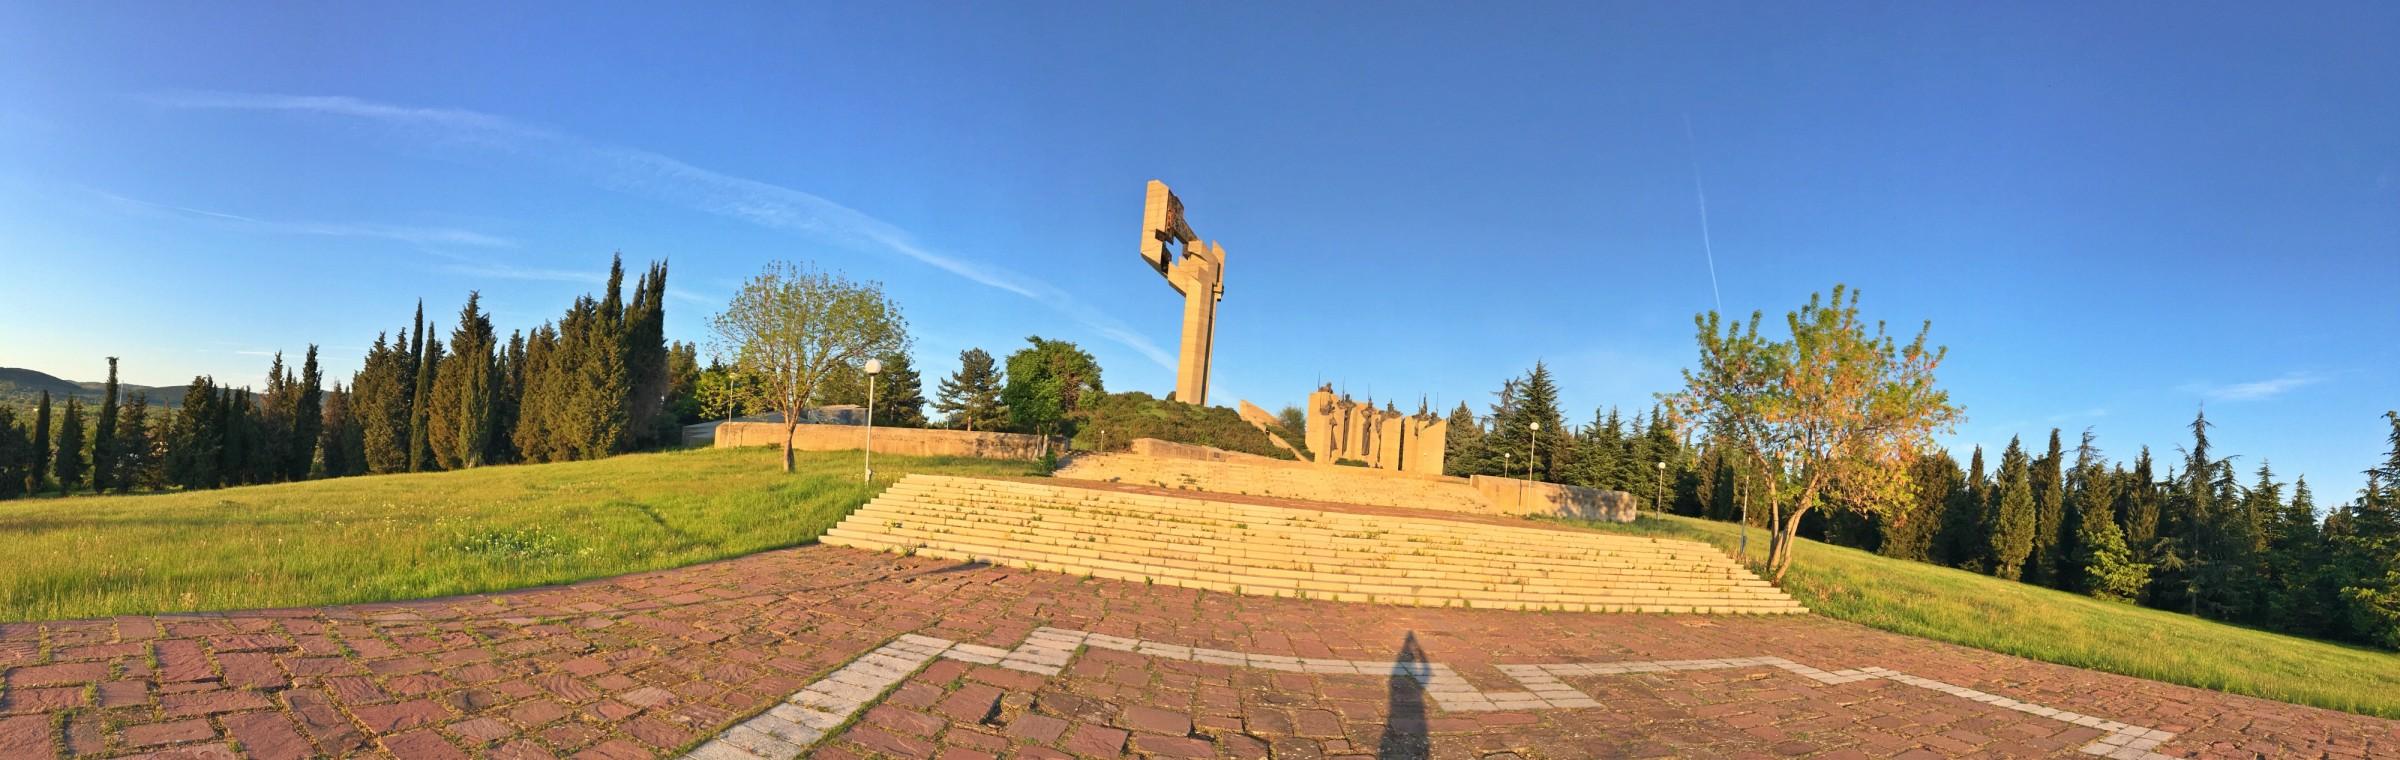 """Мемориален комплекс """"Бранителите на Стара Загора 1877 година"""" - построен в чест на стогодишнината от Освобождението на мястото на най-кръвопролитните сражения."""